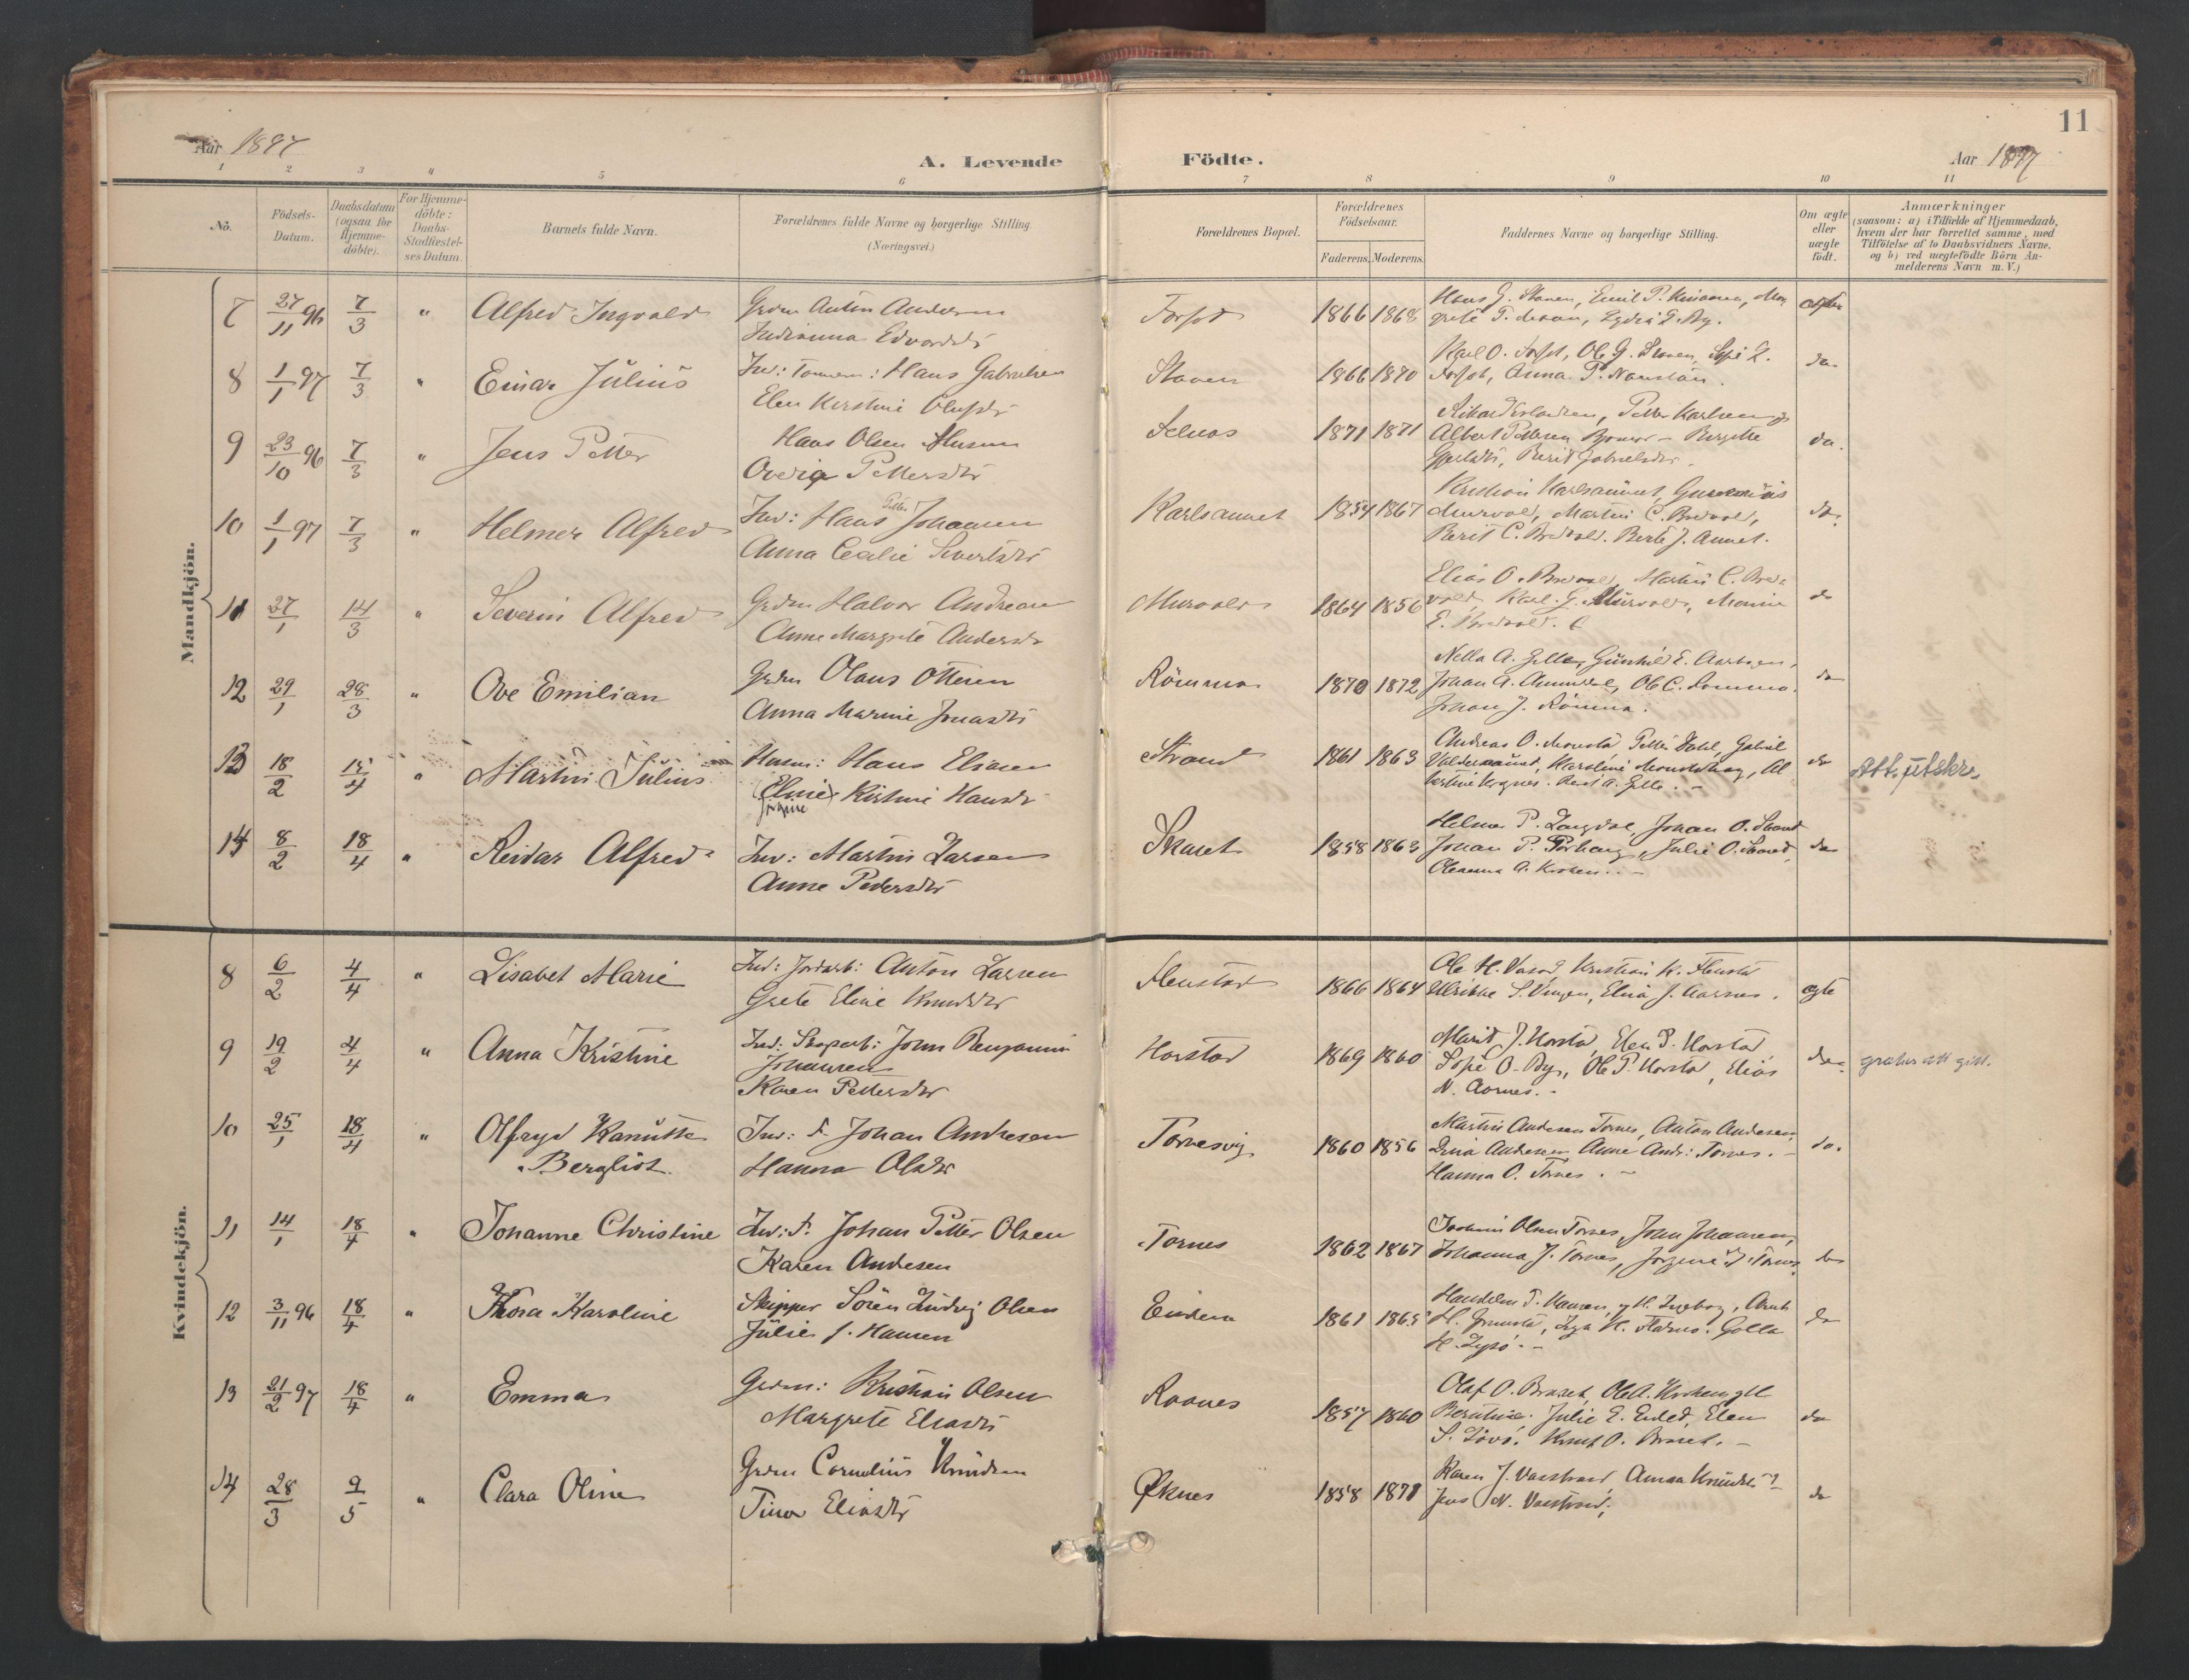 SAT, Ministerialprotokoller, klokkerbøker og fødselsregistre - Sør-Trøndelag, 655/L0681: Ministerialbok nr. 655A10, 1895-1907, s. 11